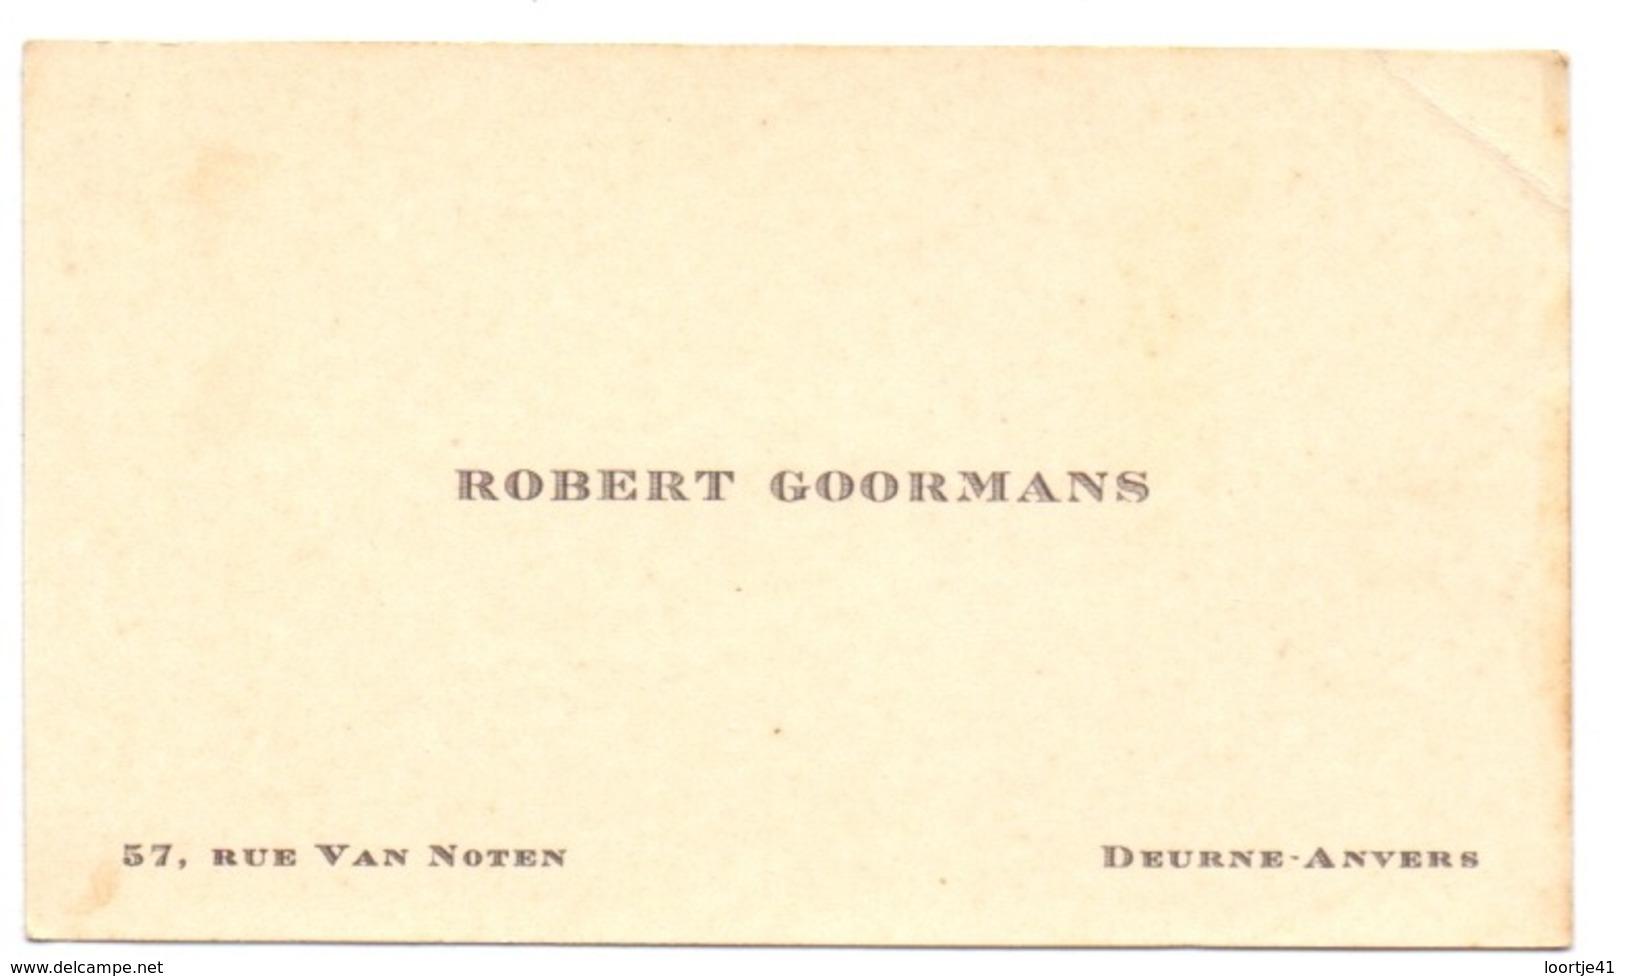 Visitekaartje - Carte Visite - Robert Goormans - Deurne Antwerpen - Cartoncini Da Visita